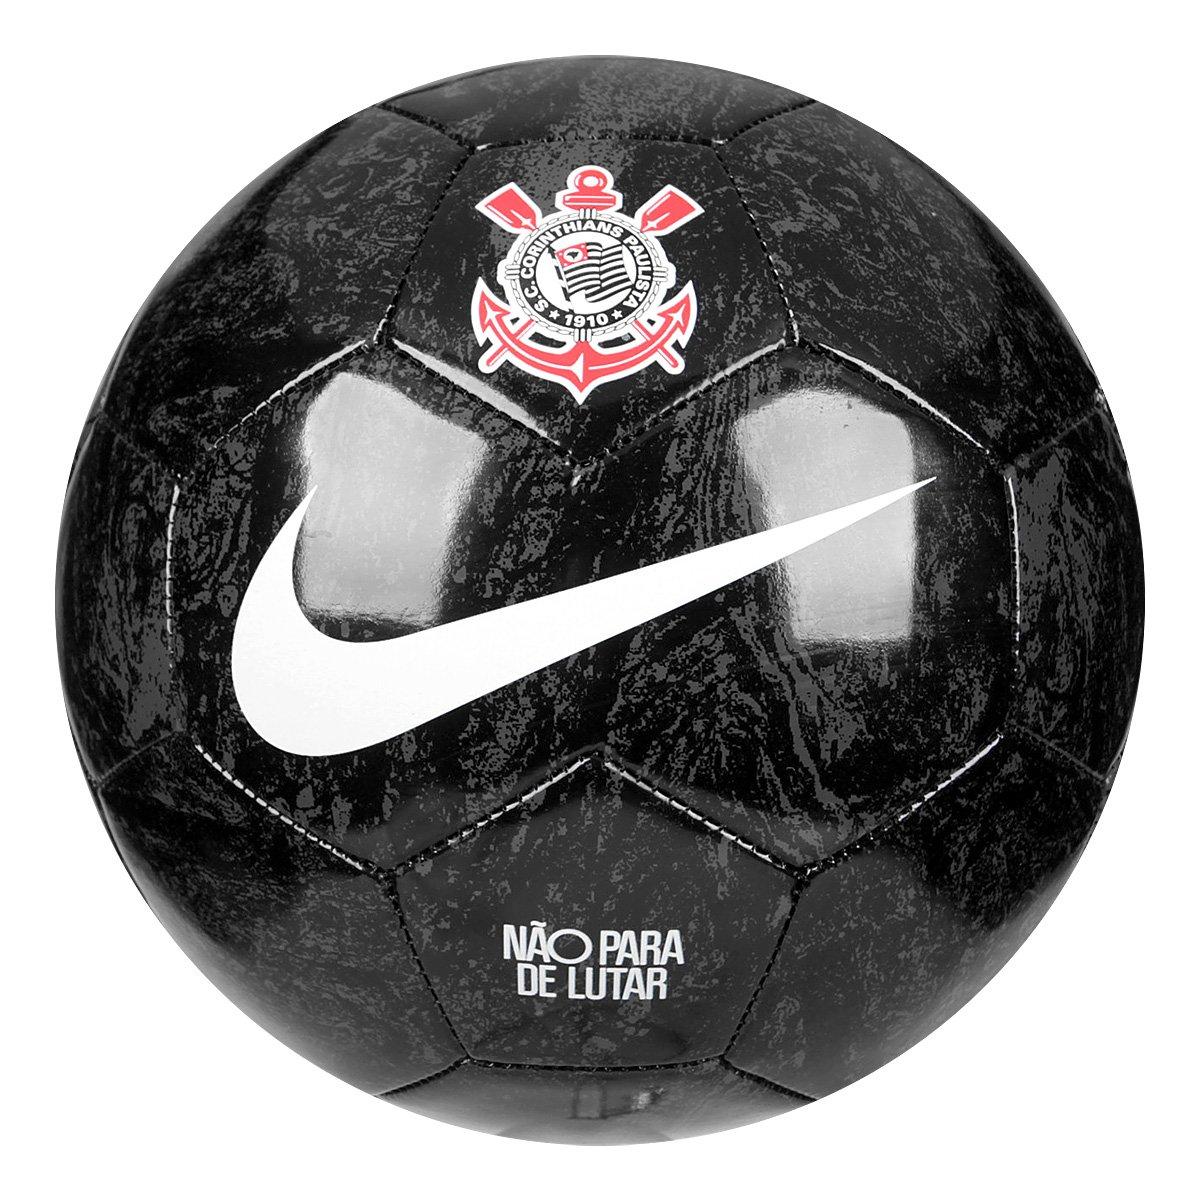 db52d8543612b Bola de Futebol Campo Nike Corinthians - Preto e Branco - Compre Agora